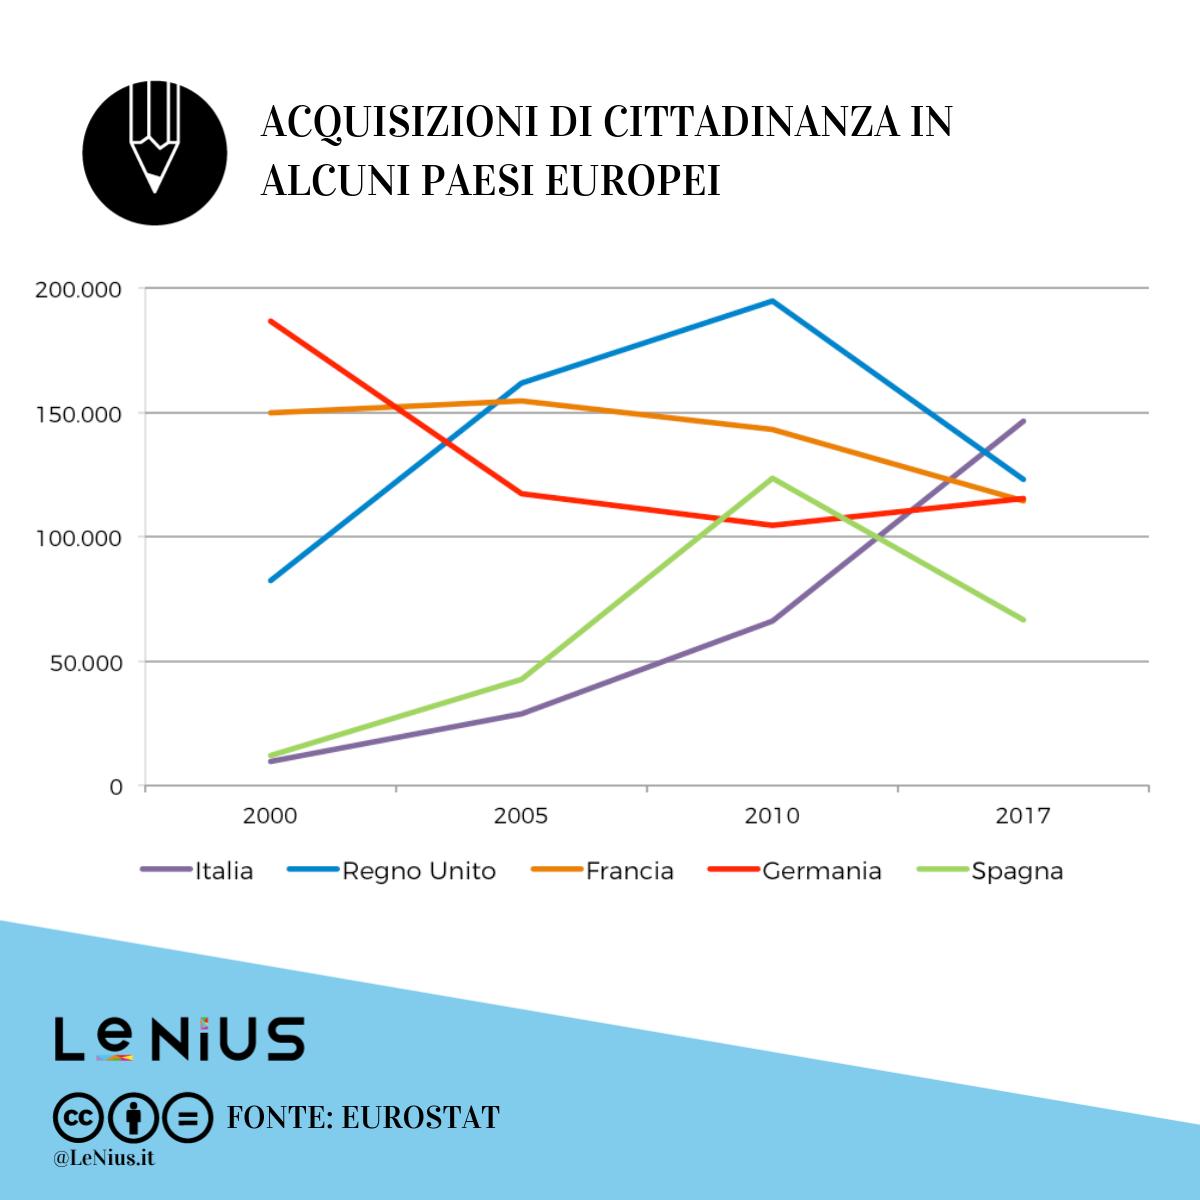 acquisizioni-cittadinanza-europa